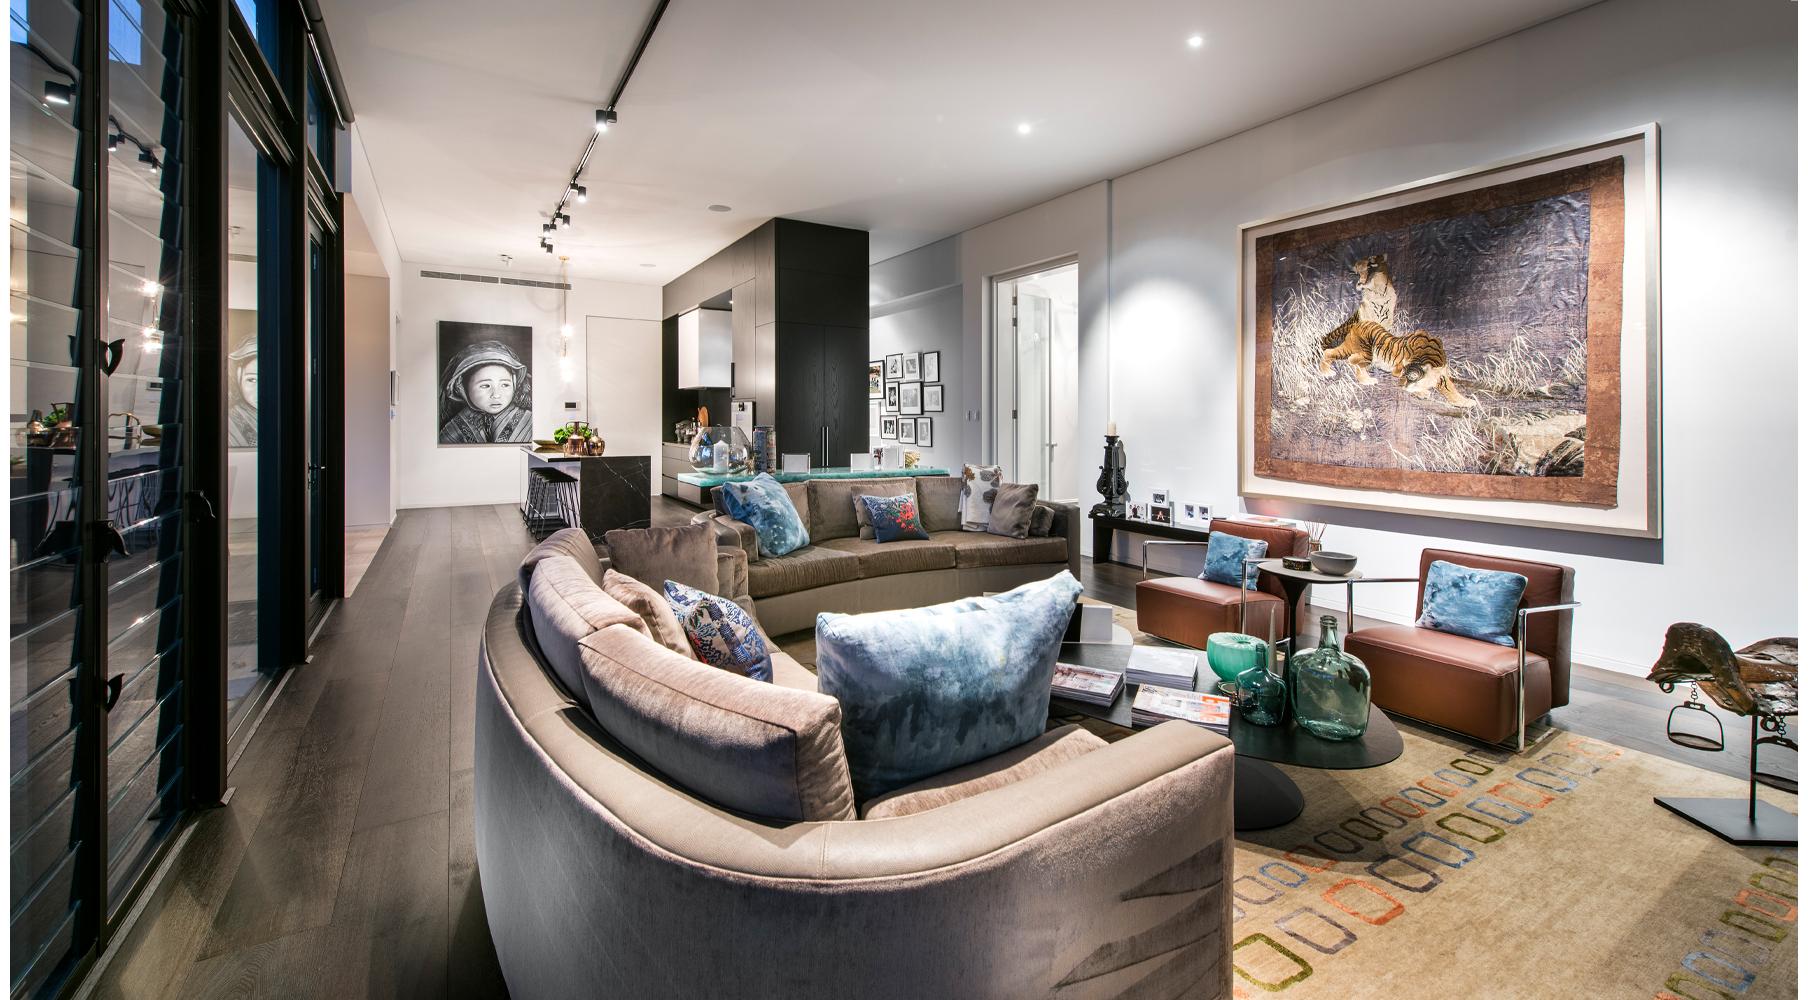 maek-luxury-home-design-inspiration-peppermintgrove-27v-livingroom-gallery-9.jpg